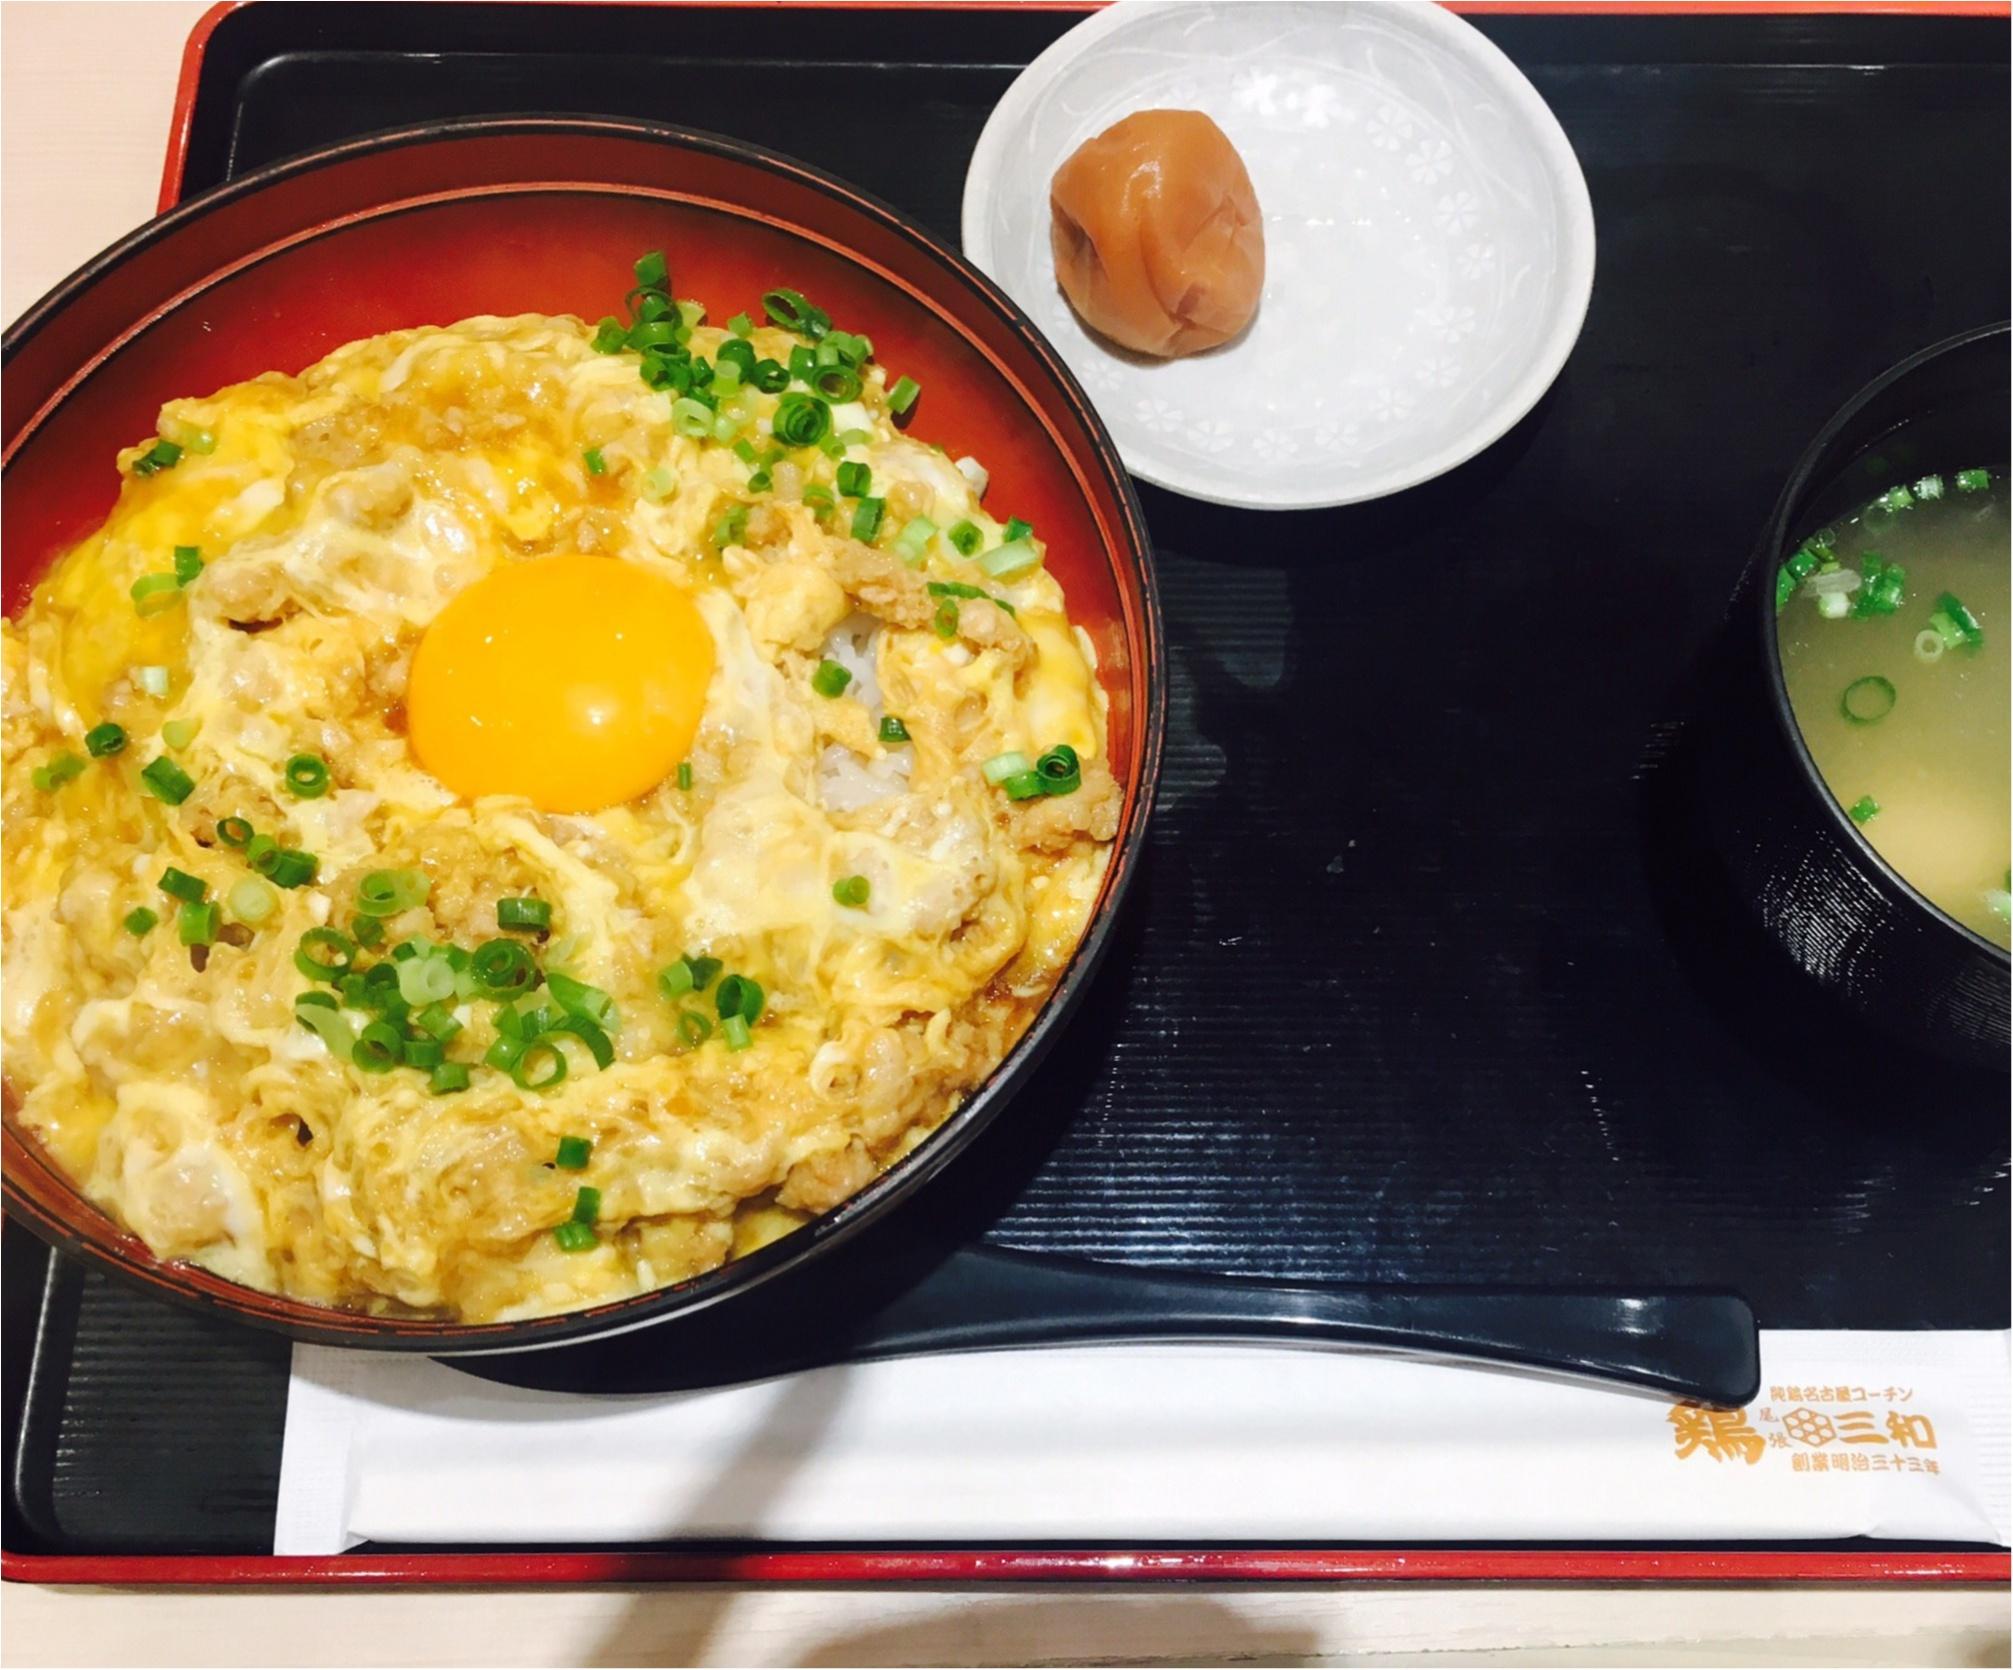 【鶏三和】の≪名古屋コーチン親子丼≫が美味しすぎる!期間限定の≪月見鶏そぼろ親子丼≫もオススメ!_2